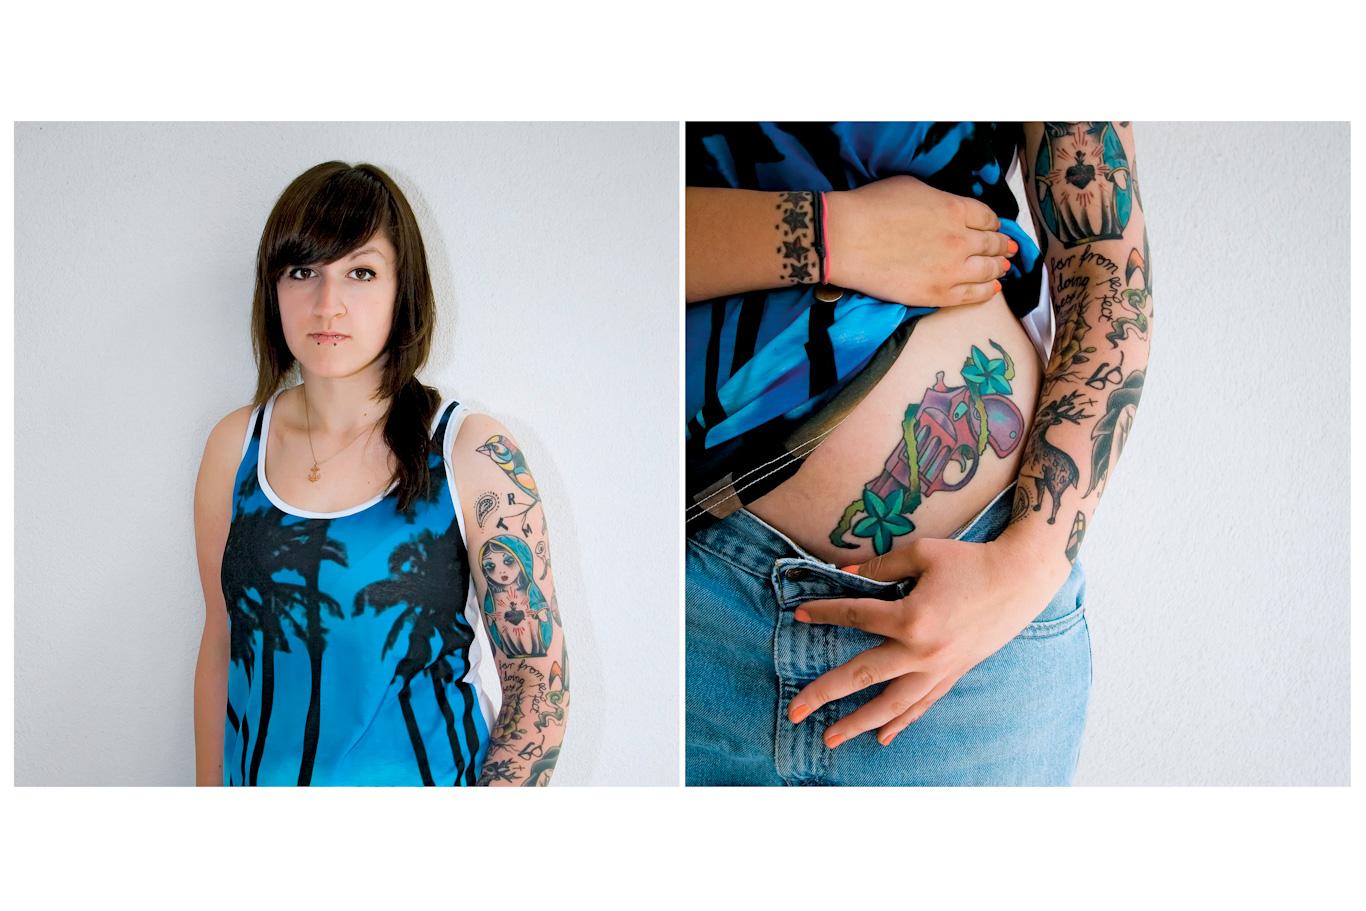 Jak Tatuaż Stał Się Modny W Polsce